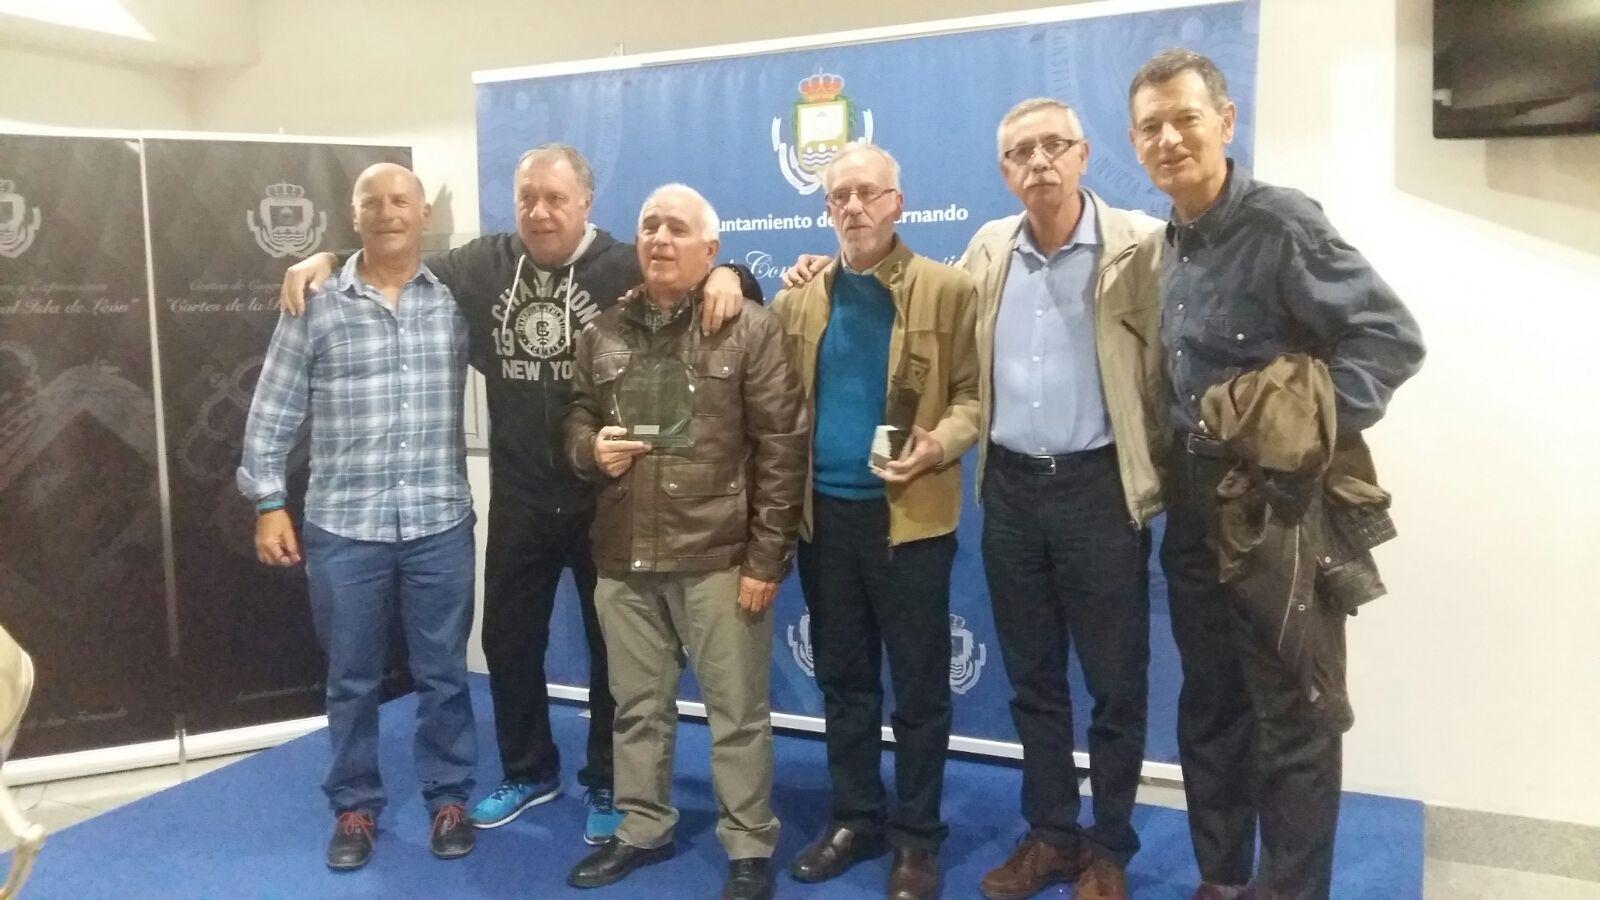 Noviembre 17 -2017 Premios Diputacion San Fernando (4)